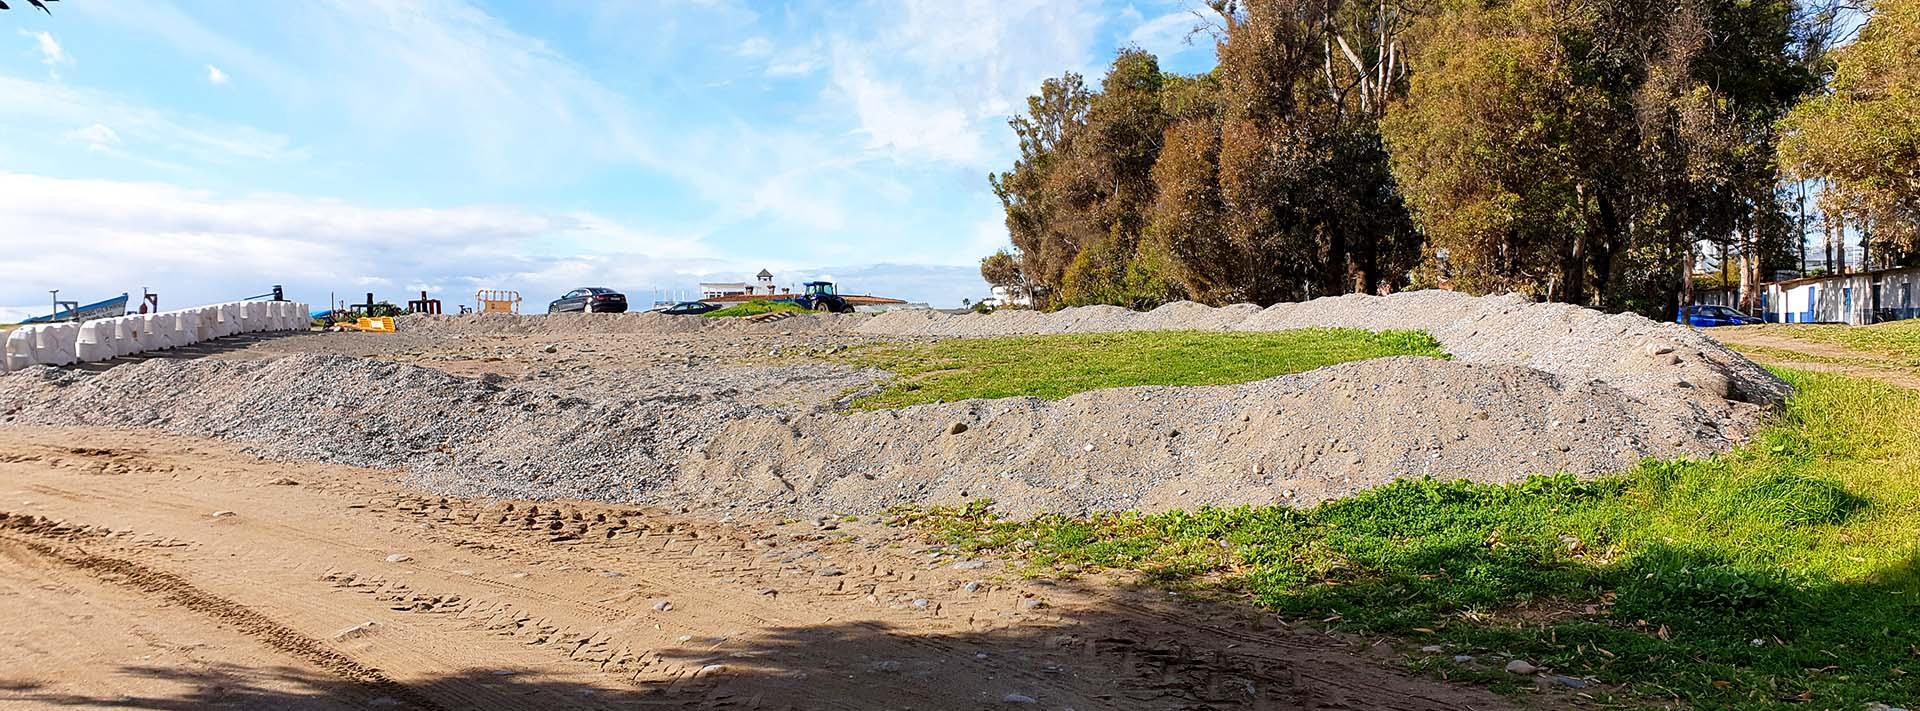 Cilniana solicita ampliar la protección del yacimiento arqueológico de la Basílica Paleocristiana de Vega del Mar